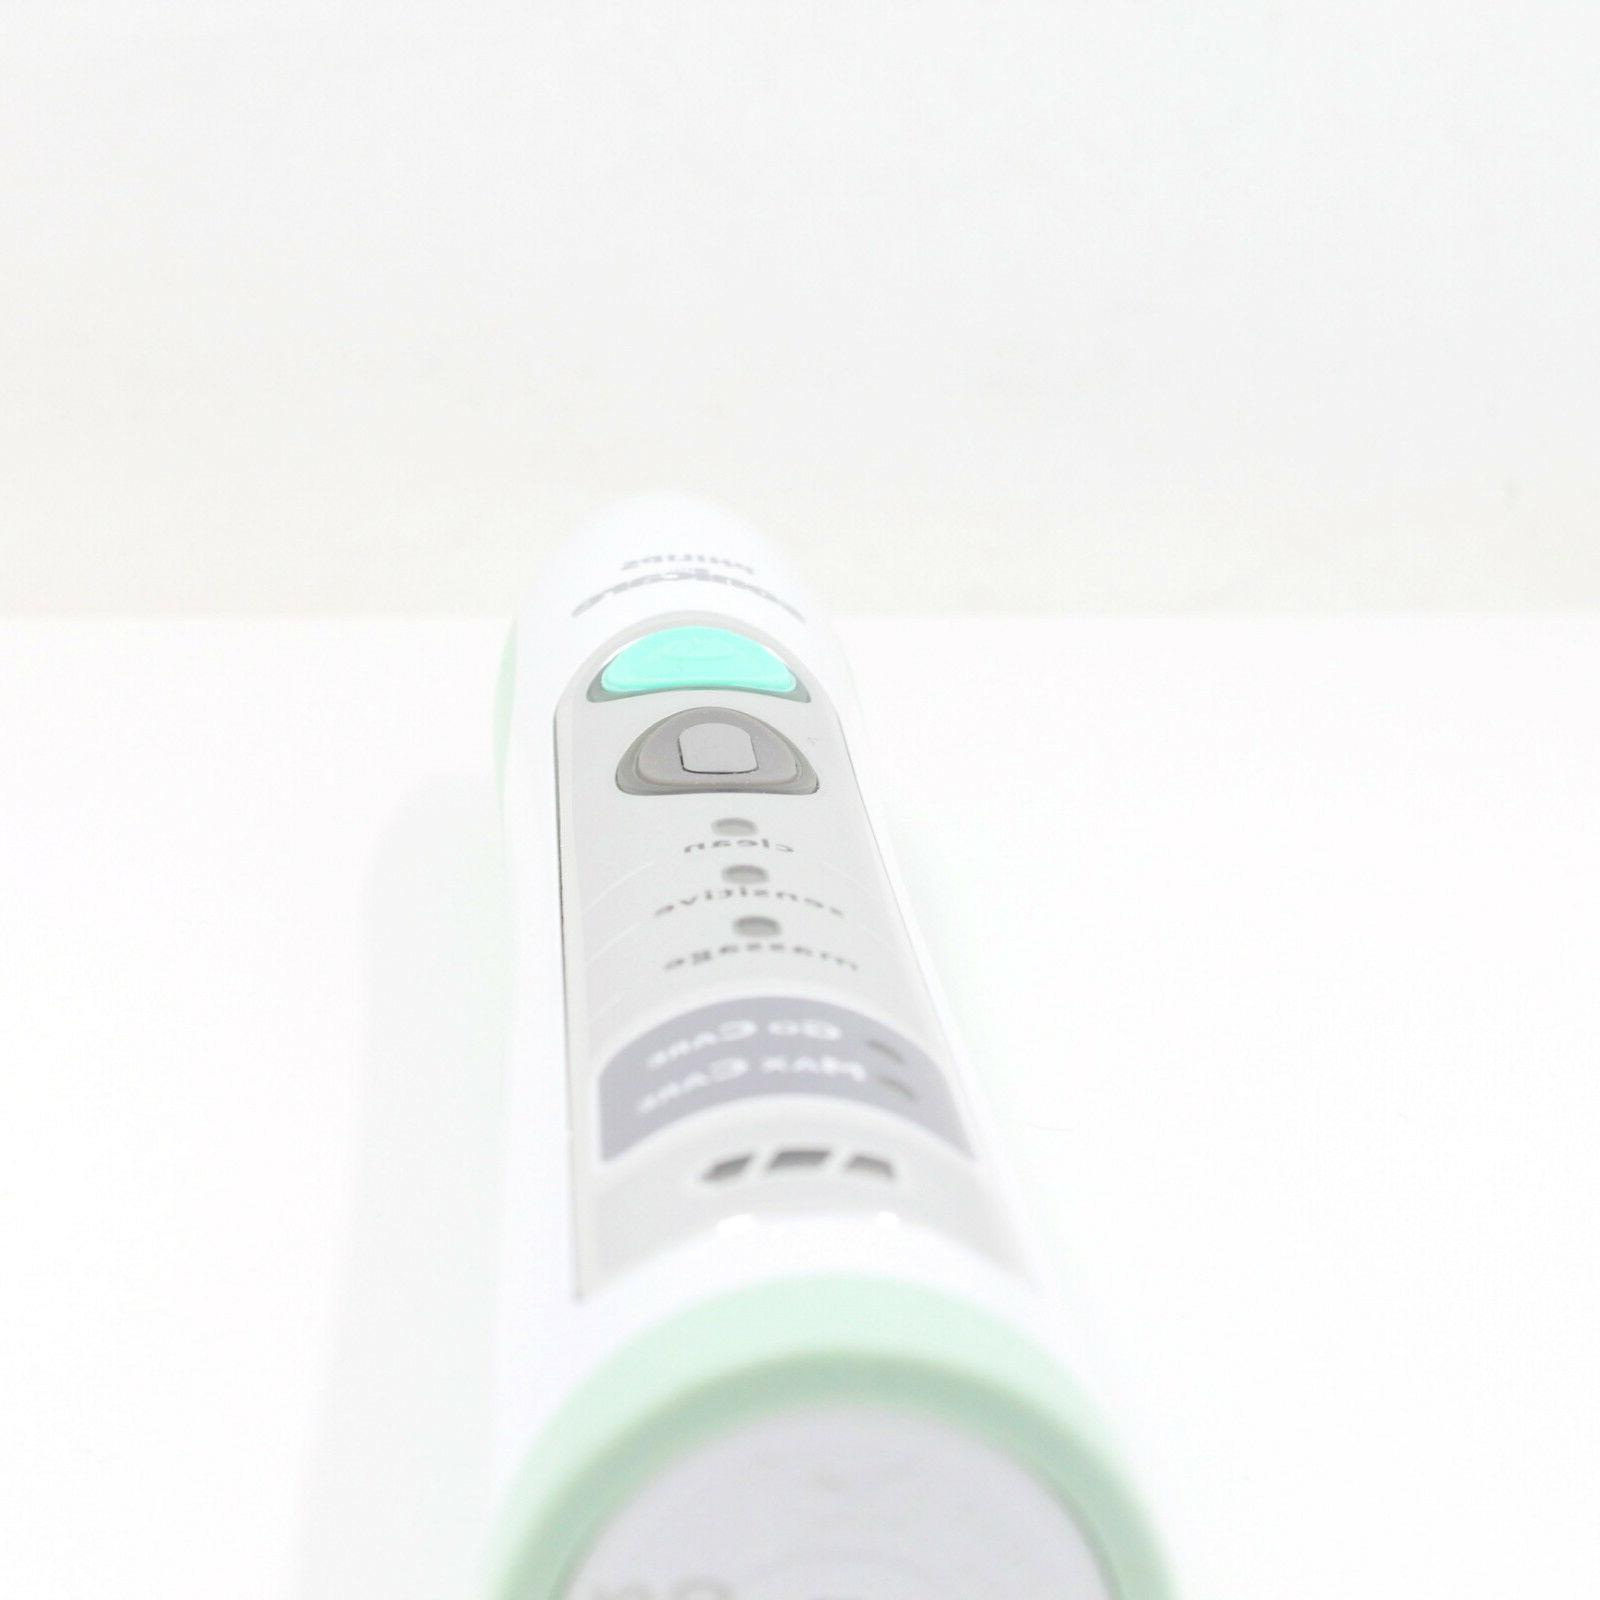 NEW HX6920/6930/HX6750 RS910 Toothbrush HX6920